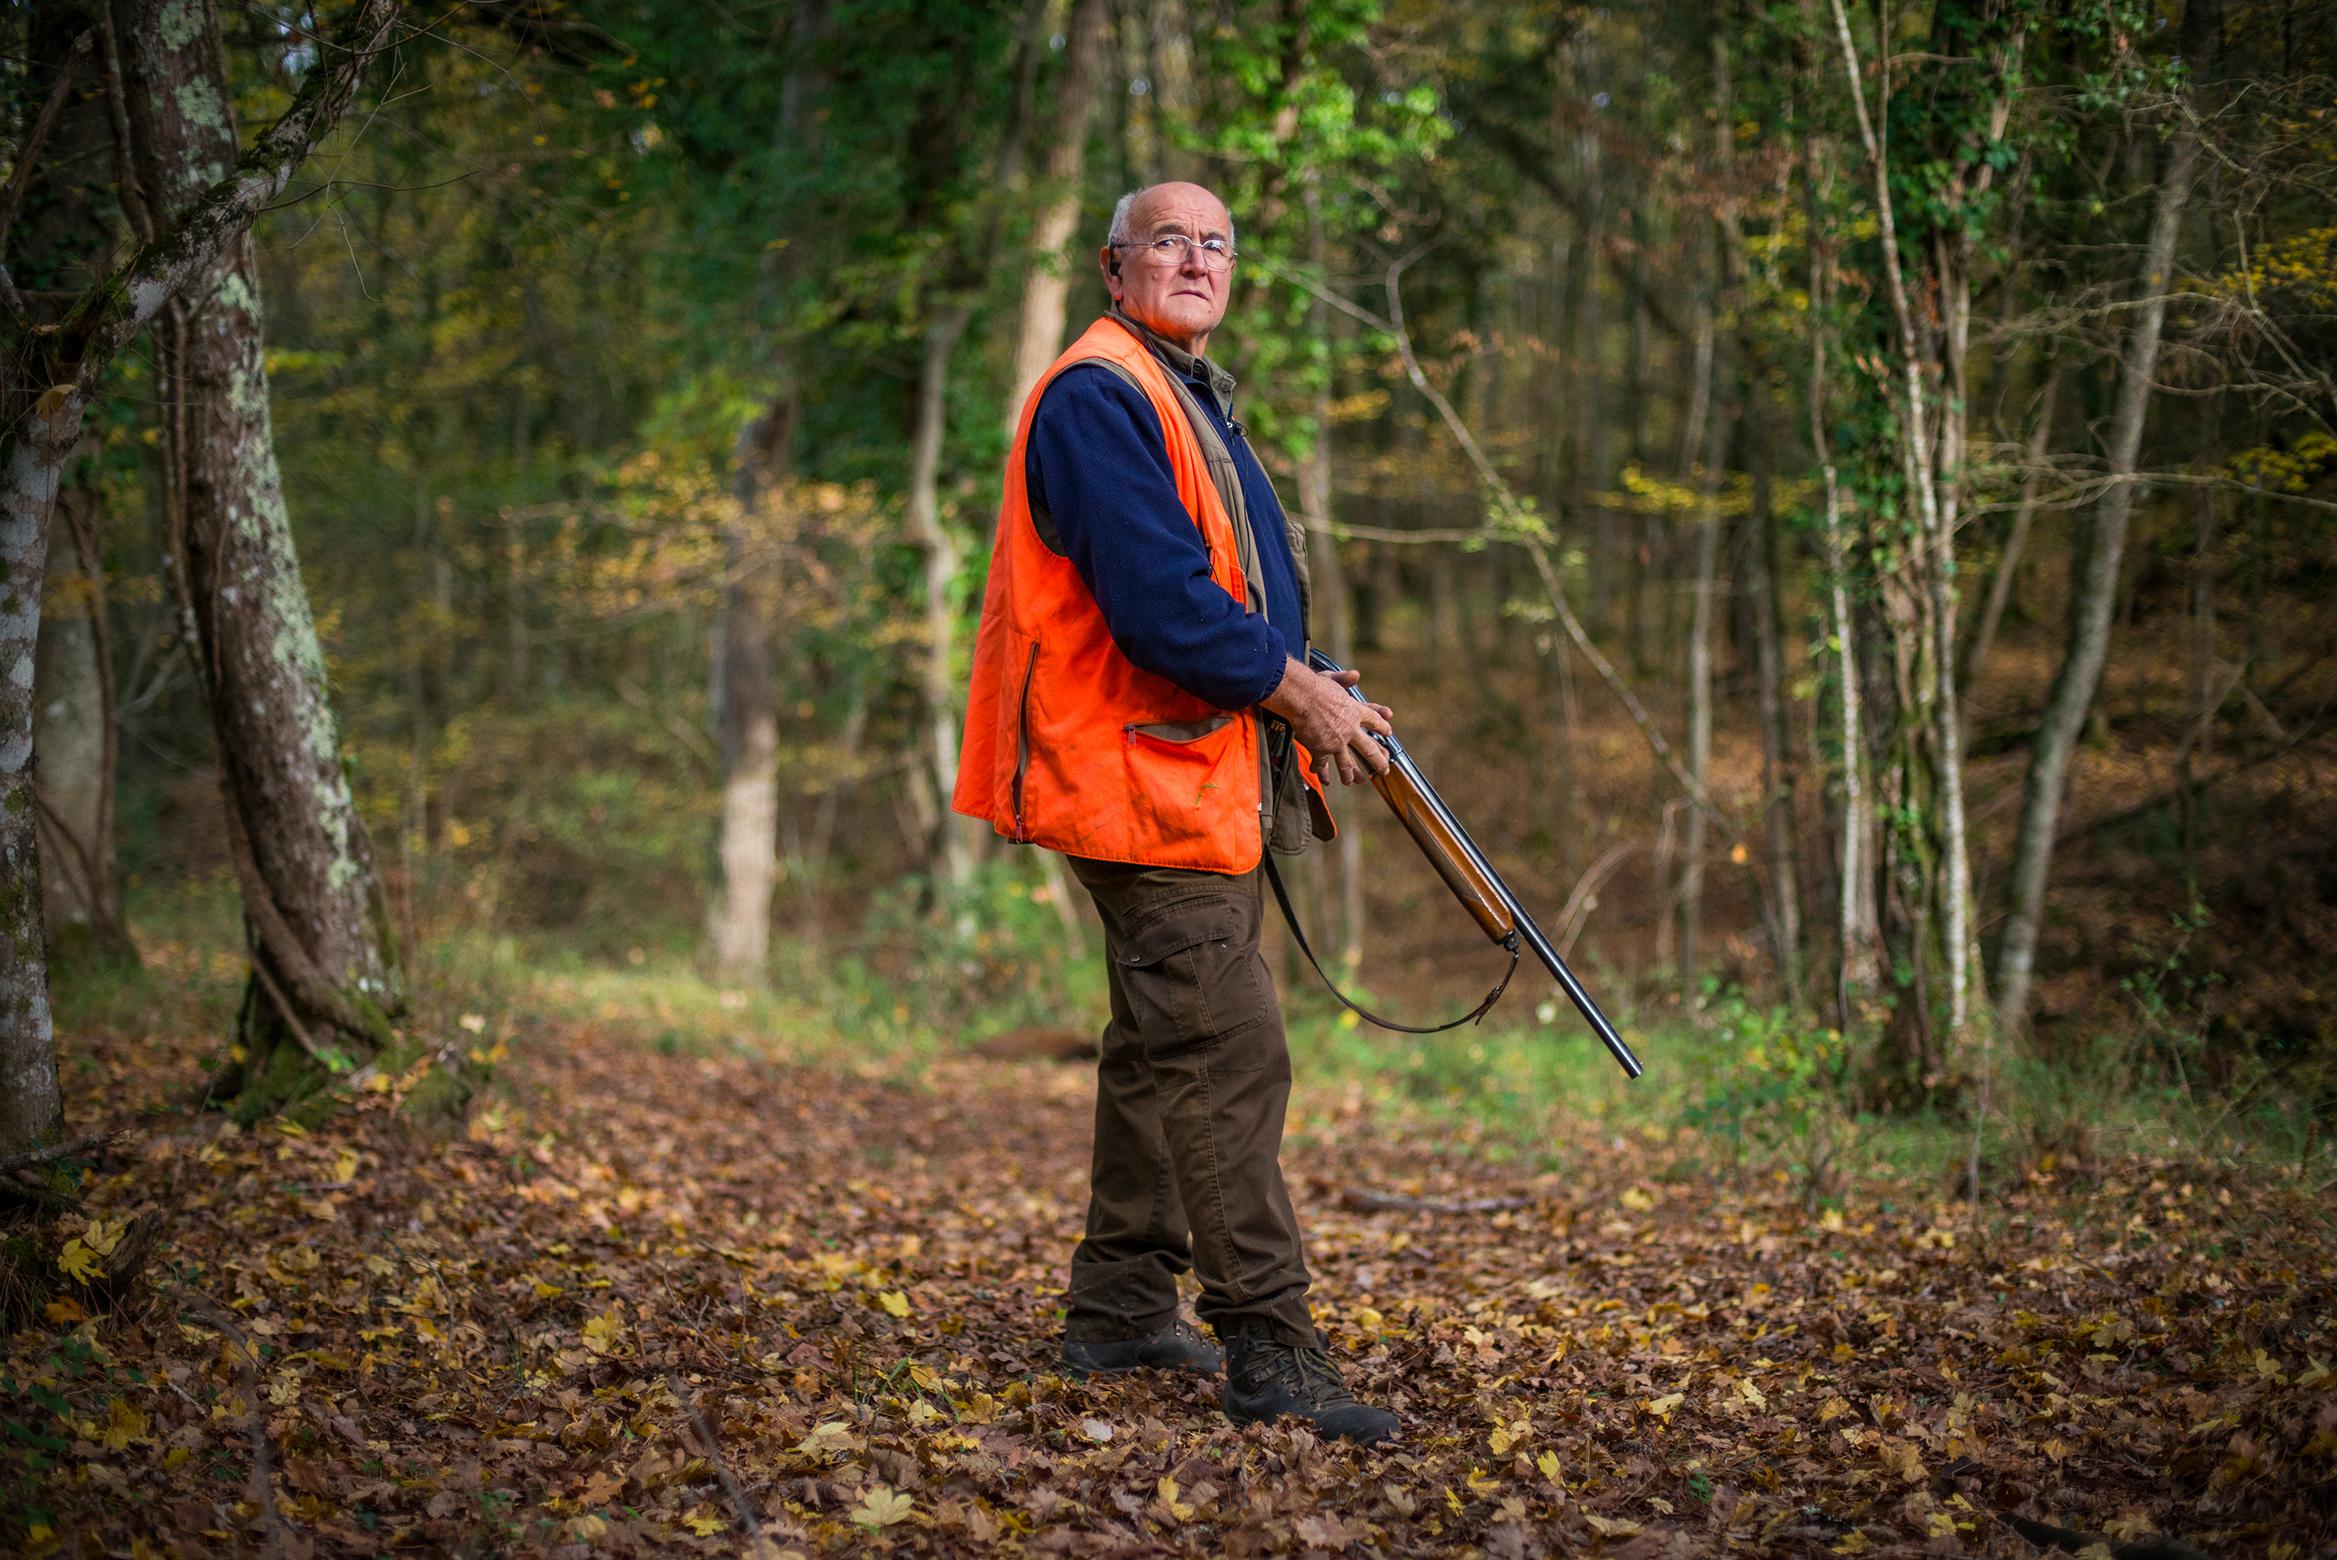 Sono andata a caccia di cinghiali per vedere cosa cè dietro al mio